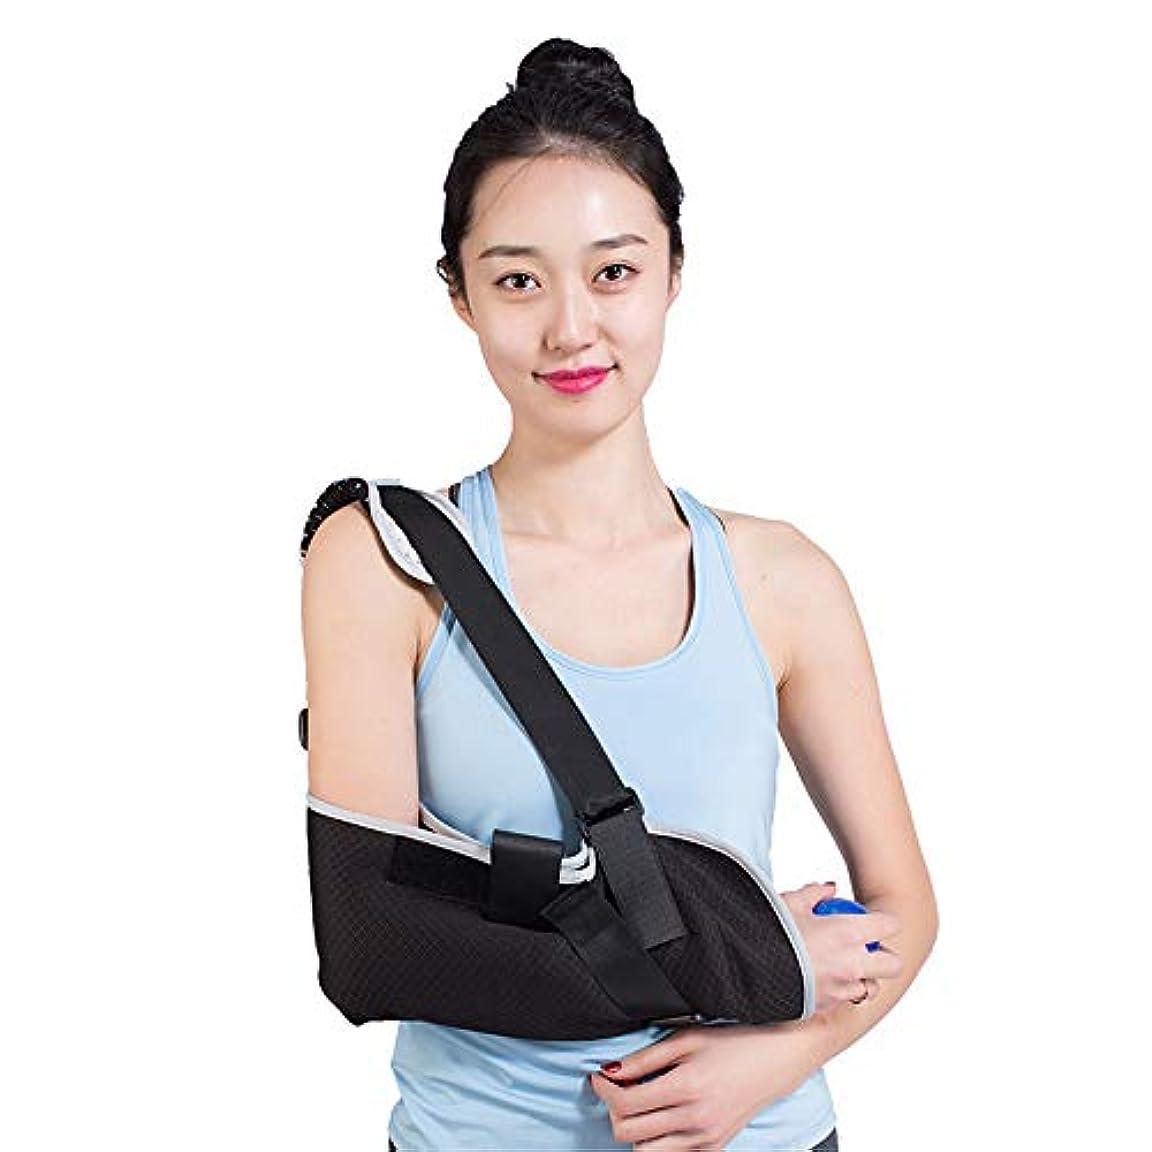 差ステレオジャケットアームスリング、ショルダーイモビライザー、壊れたアームイモビライザー用手首肘サポート人間工学的、軽量、通気性メッシュ-男性と女性の両方に適合、フリーサイズ